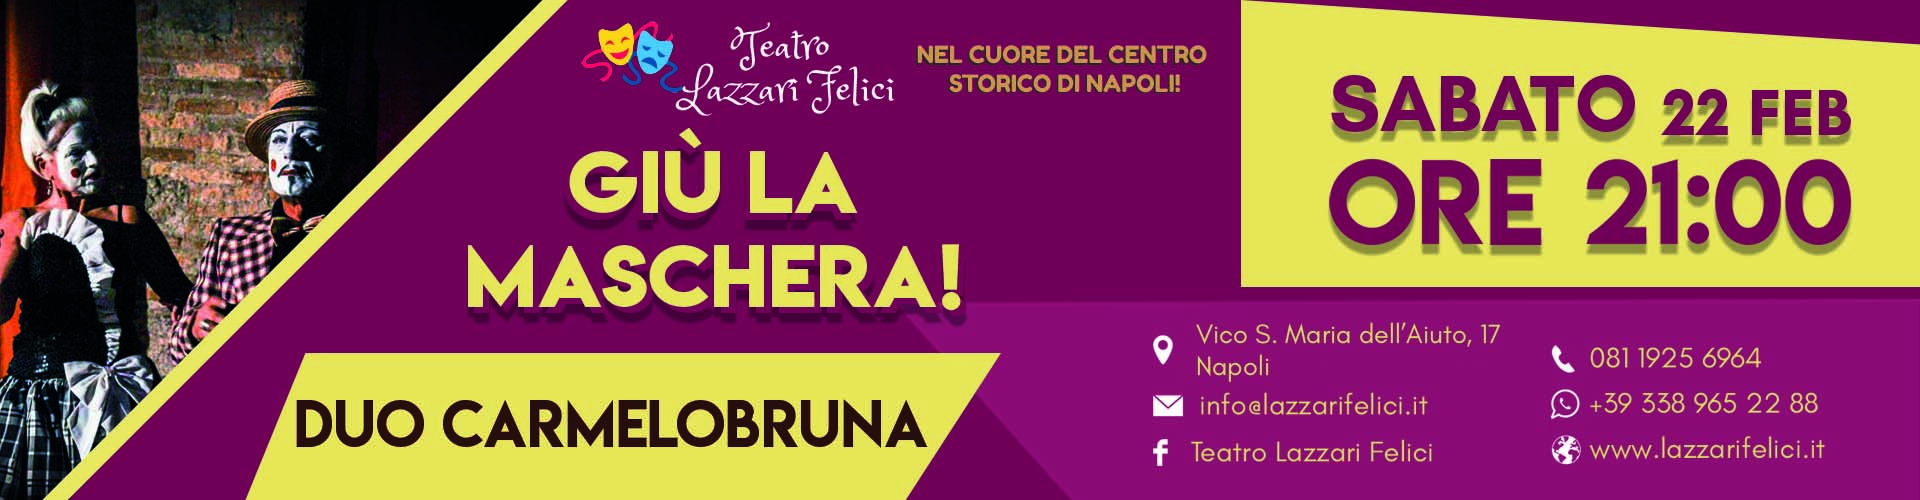 Spettacolo musical teatrale sul carnevale a Napoli